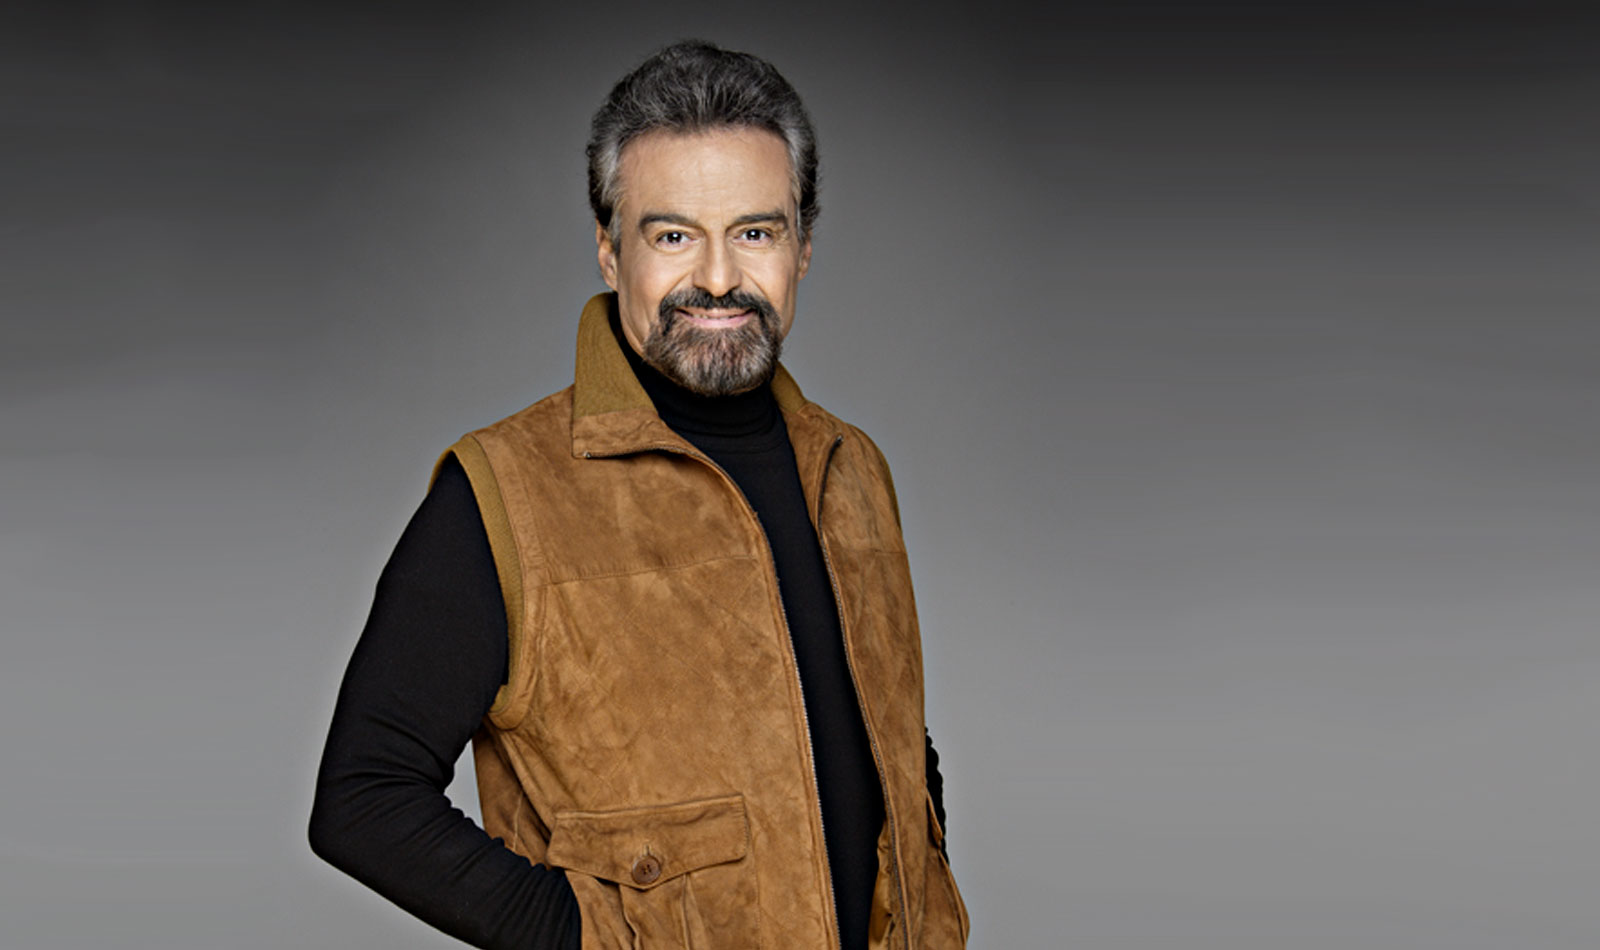 Fallece el actor mexicano Gonzalo Vega a los 69 años de edad